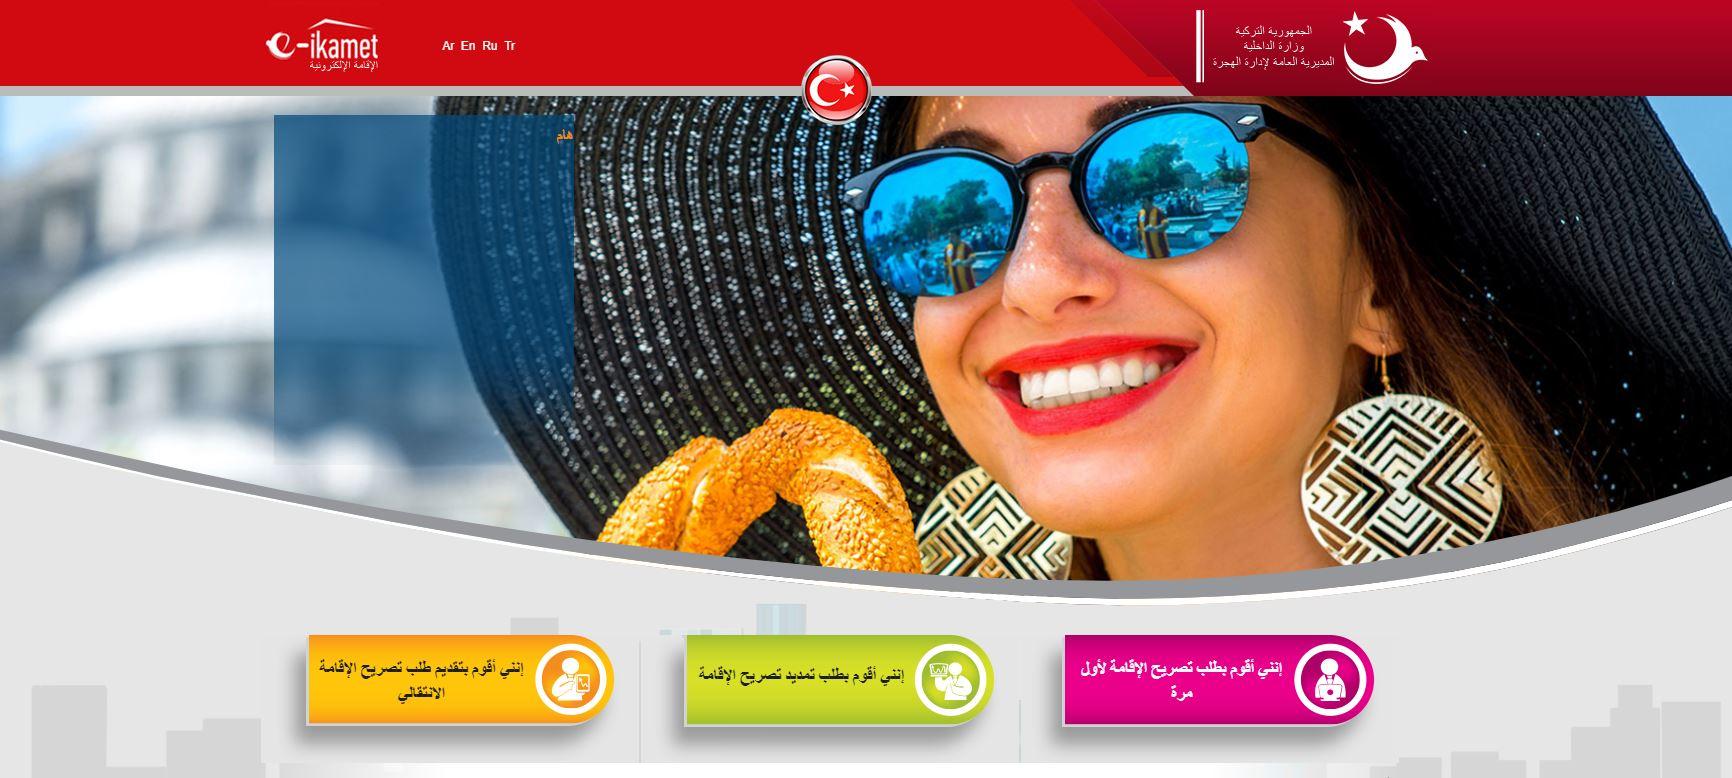 لوحة الدخول إلى واجهة حجز المواعيد باللغة التركية (göç idaresi)